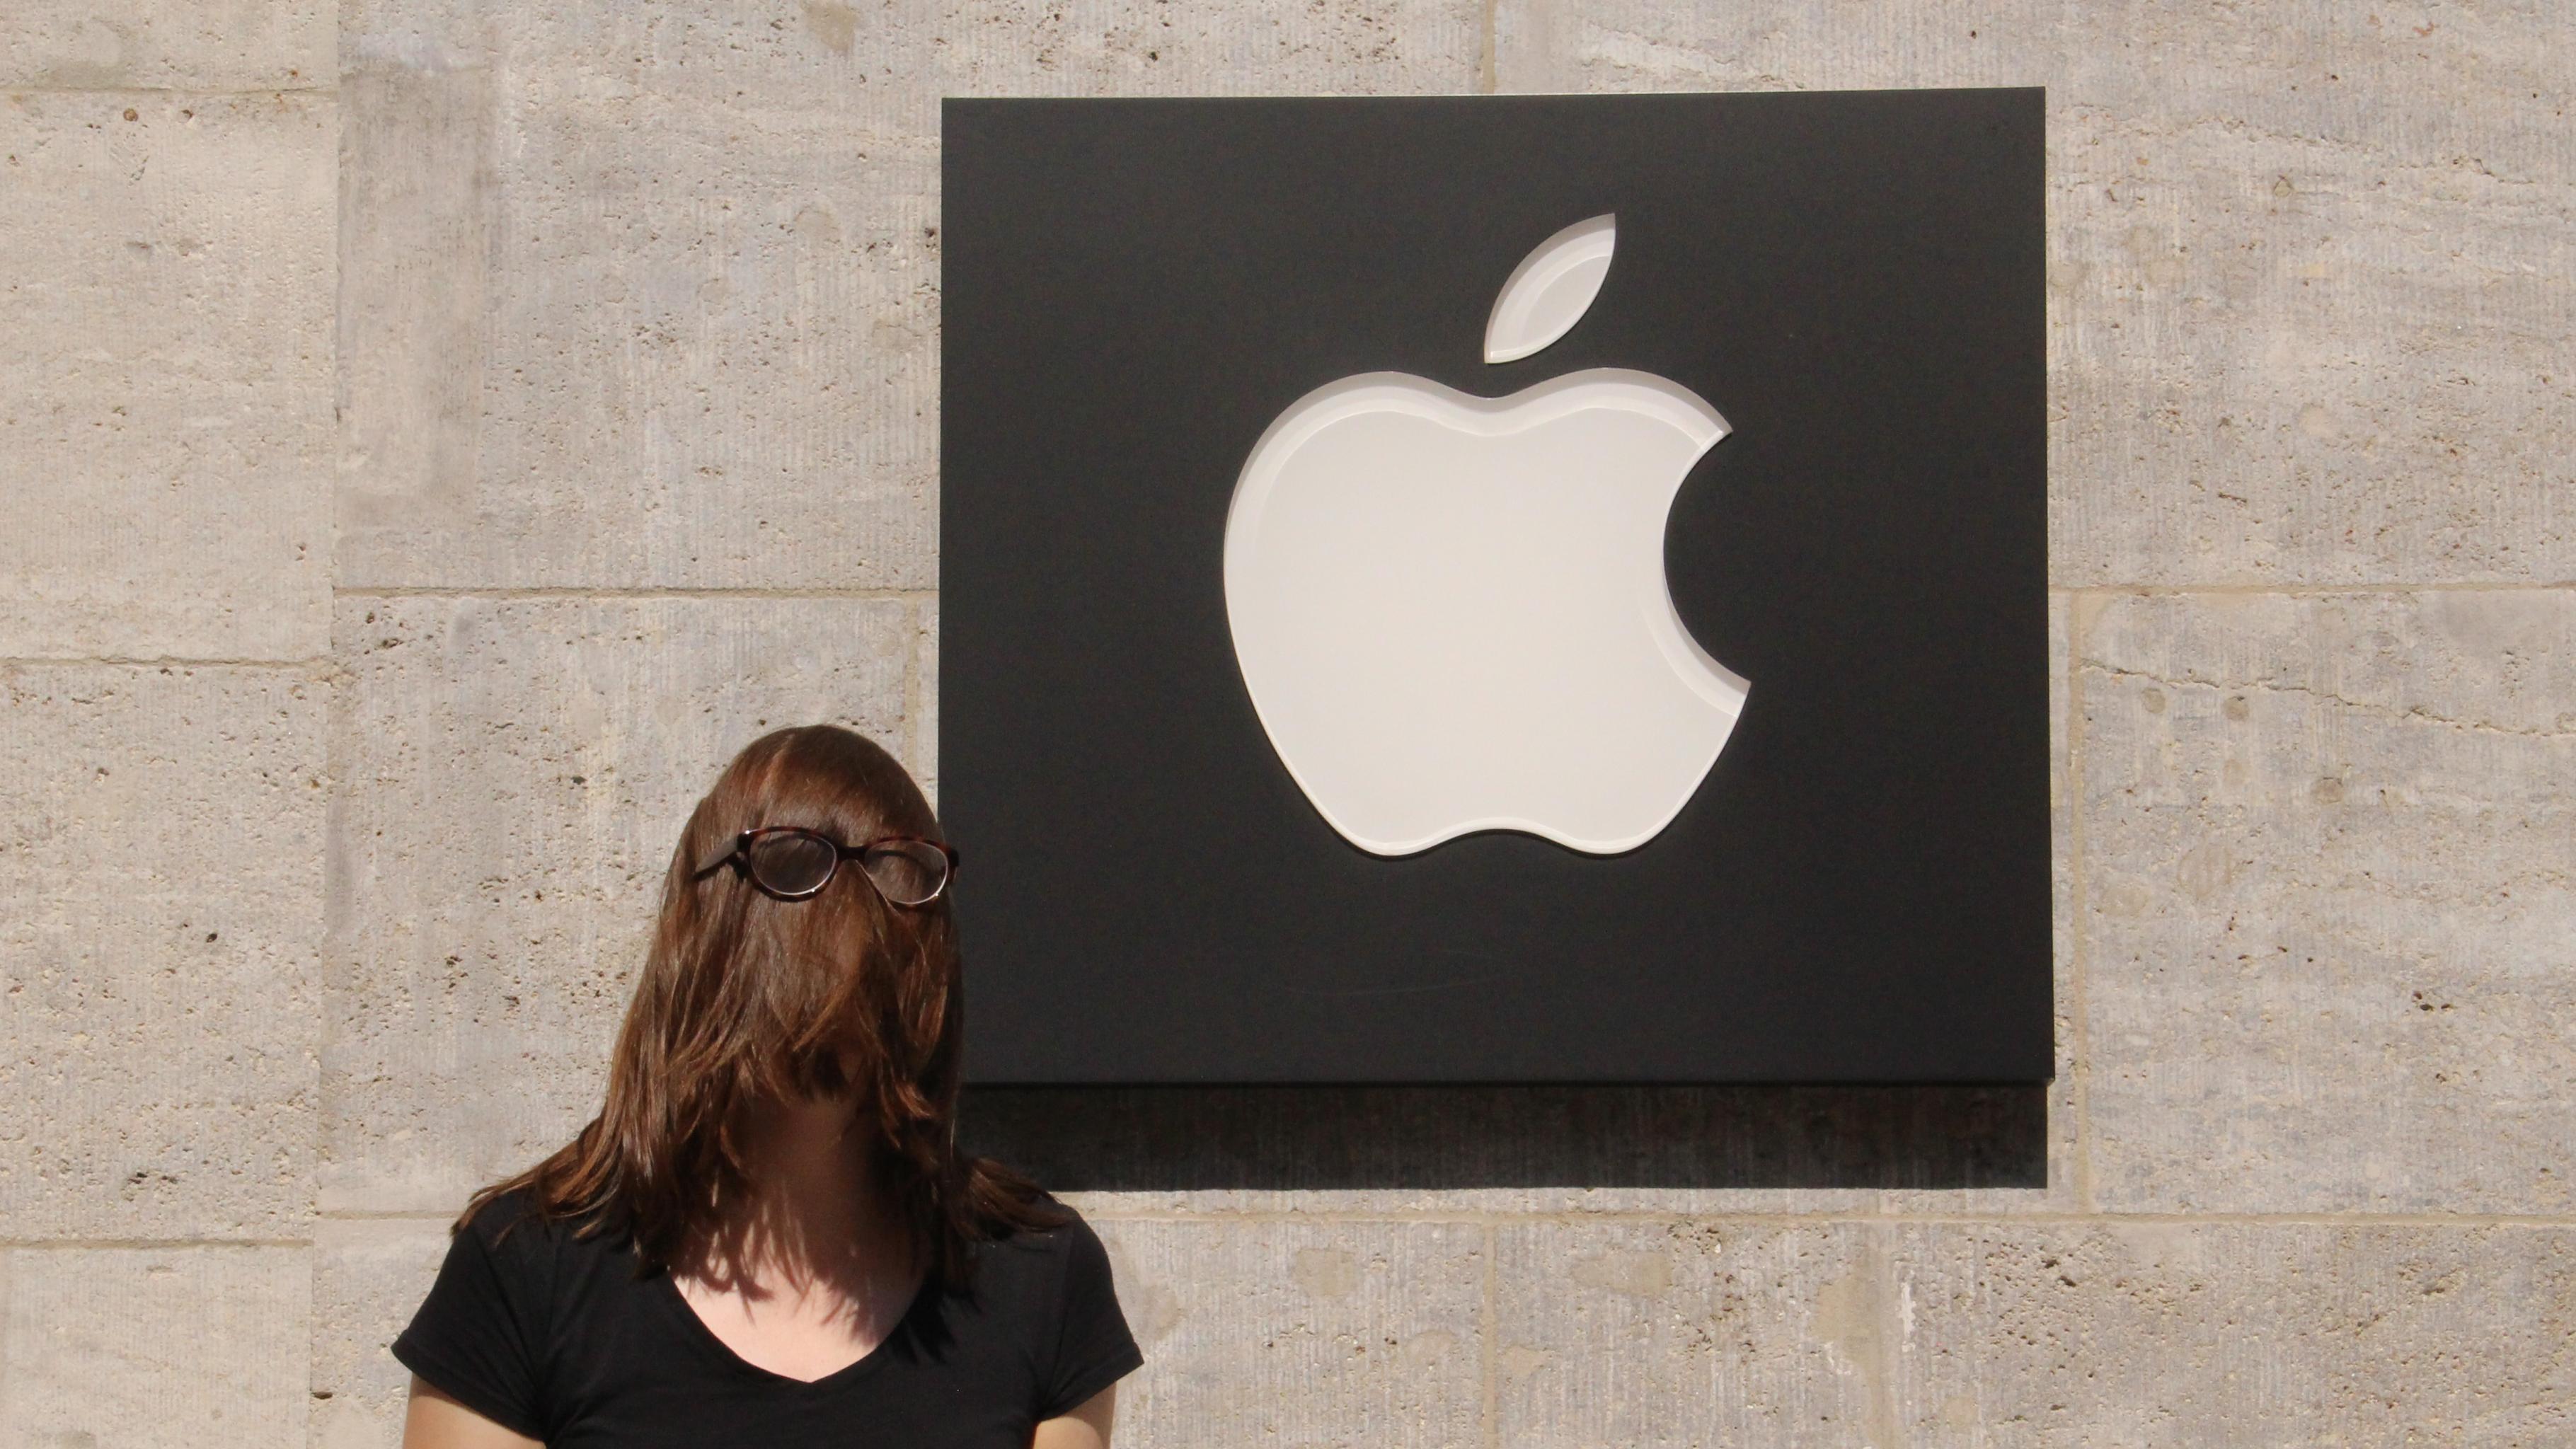 Eine Aktivistin vor einem Apple-Logo, ihr Gesicht ist durch Haare und einer darüber gezogenen Brille verdeckt